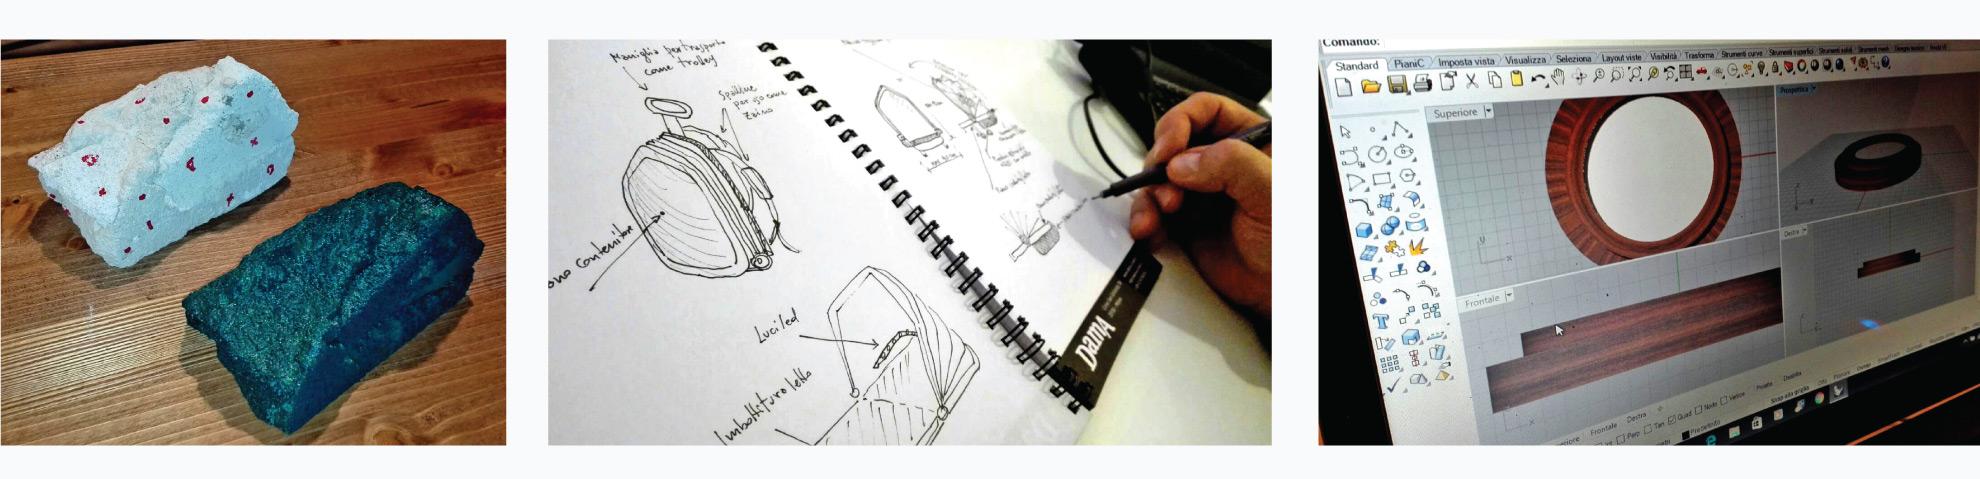 Corso di digital fabrication a milano cad cam per aziende for Corso di grafica milano